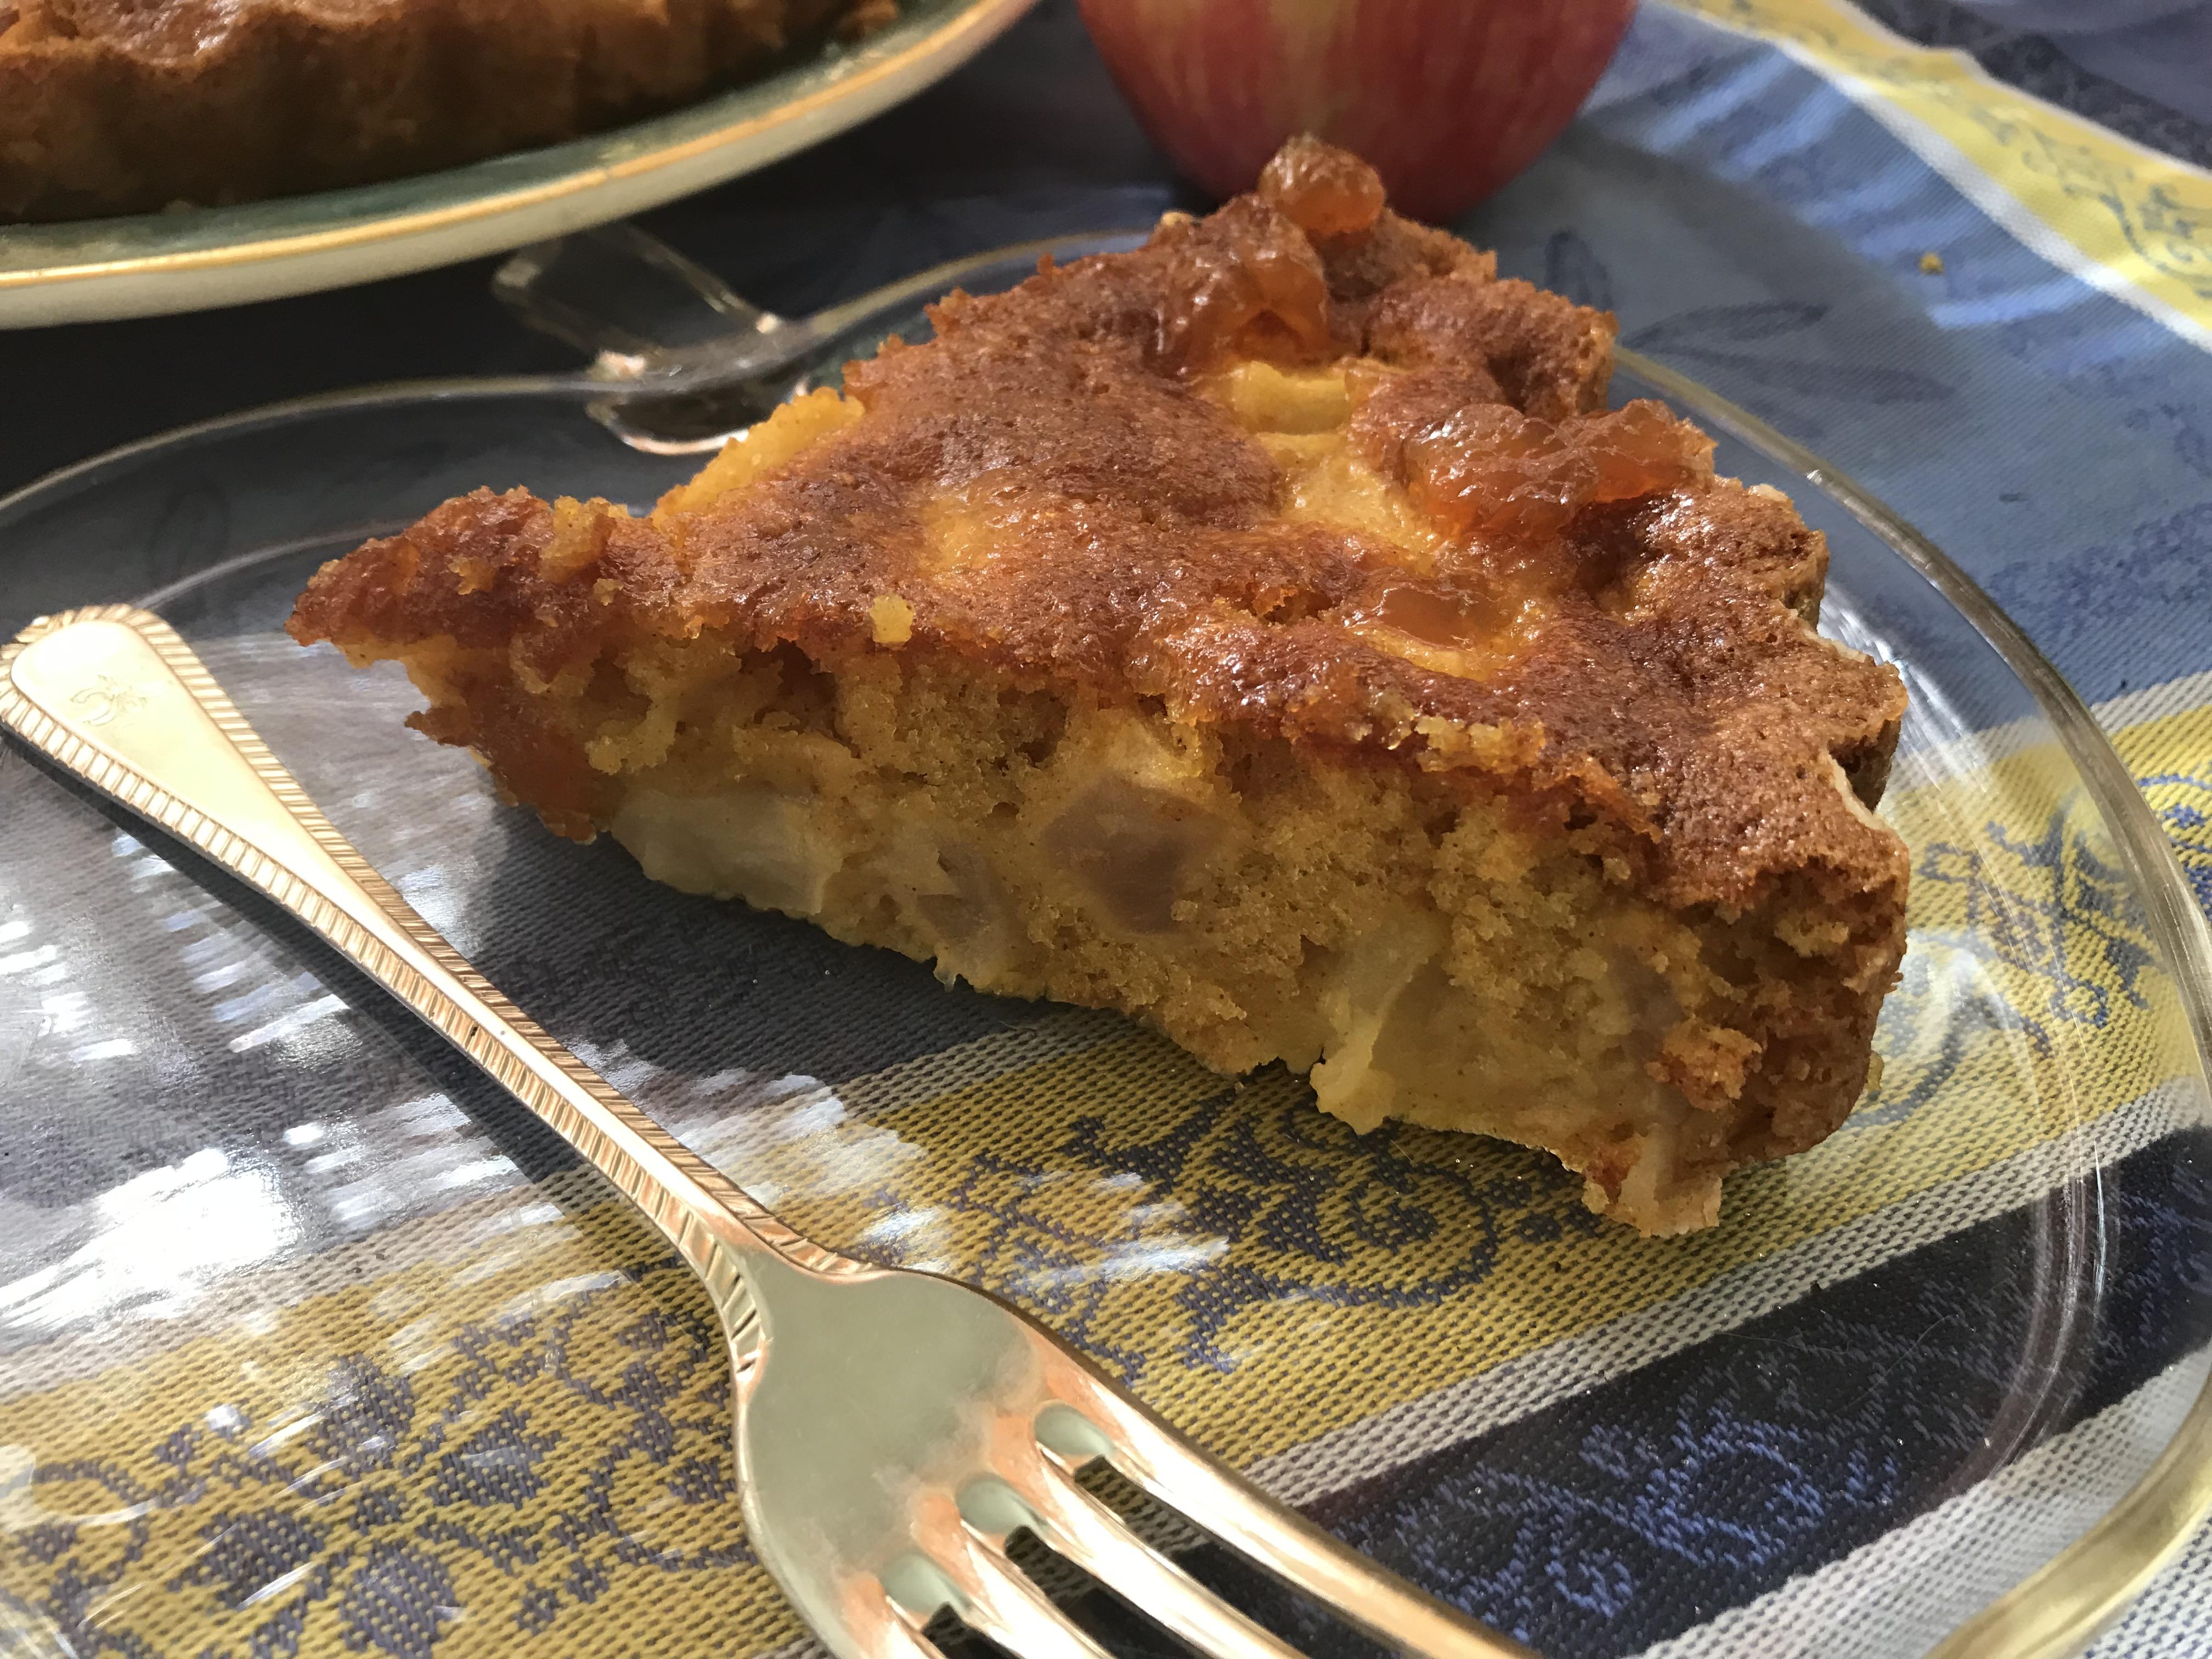 Slice of apple cake